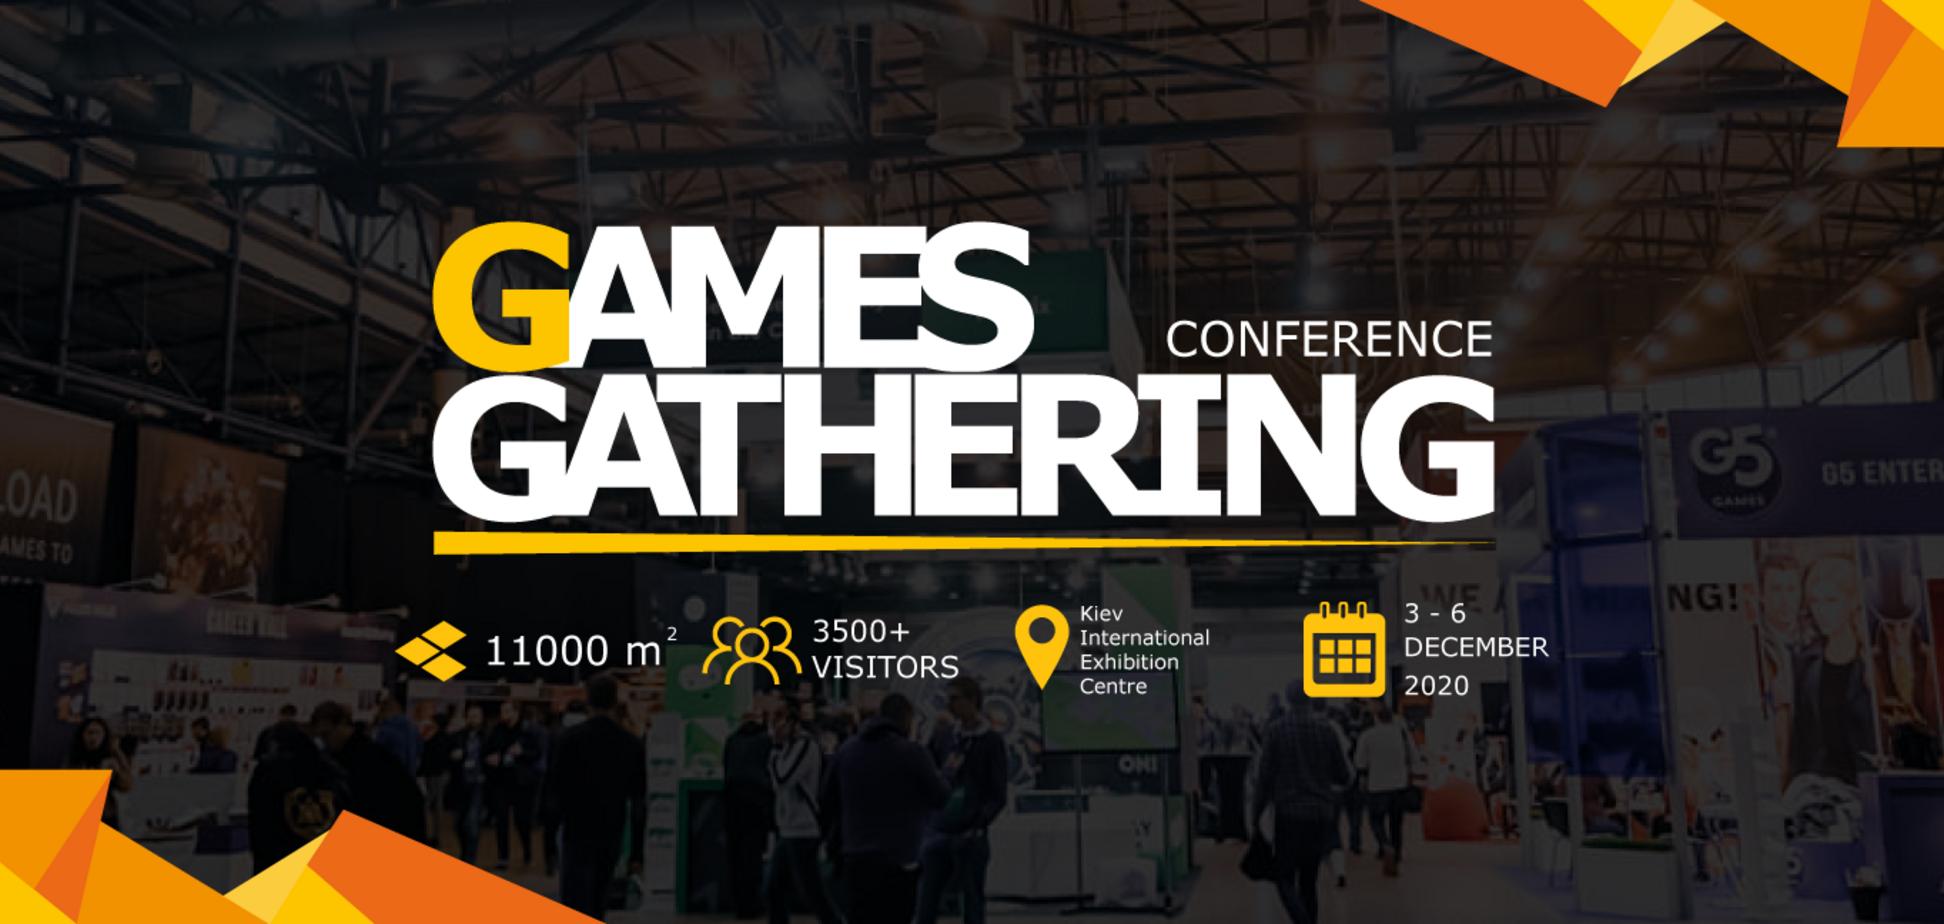 В Киеве состоится живая конференция Games Gathering 2020